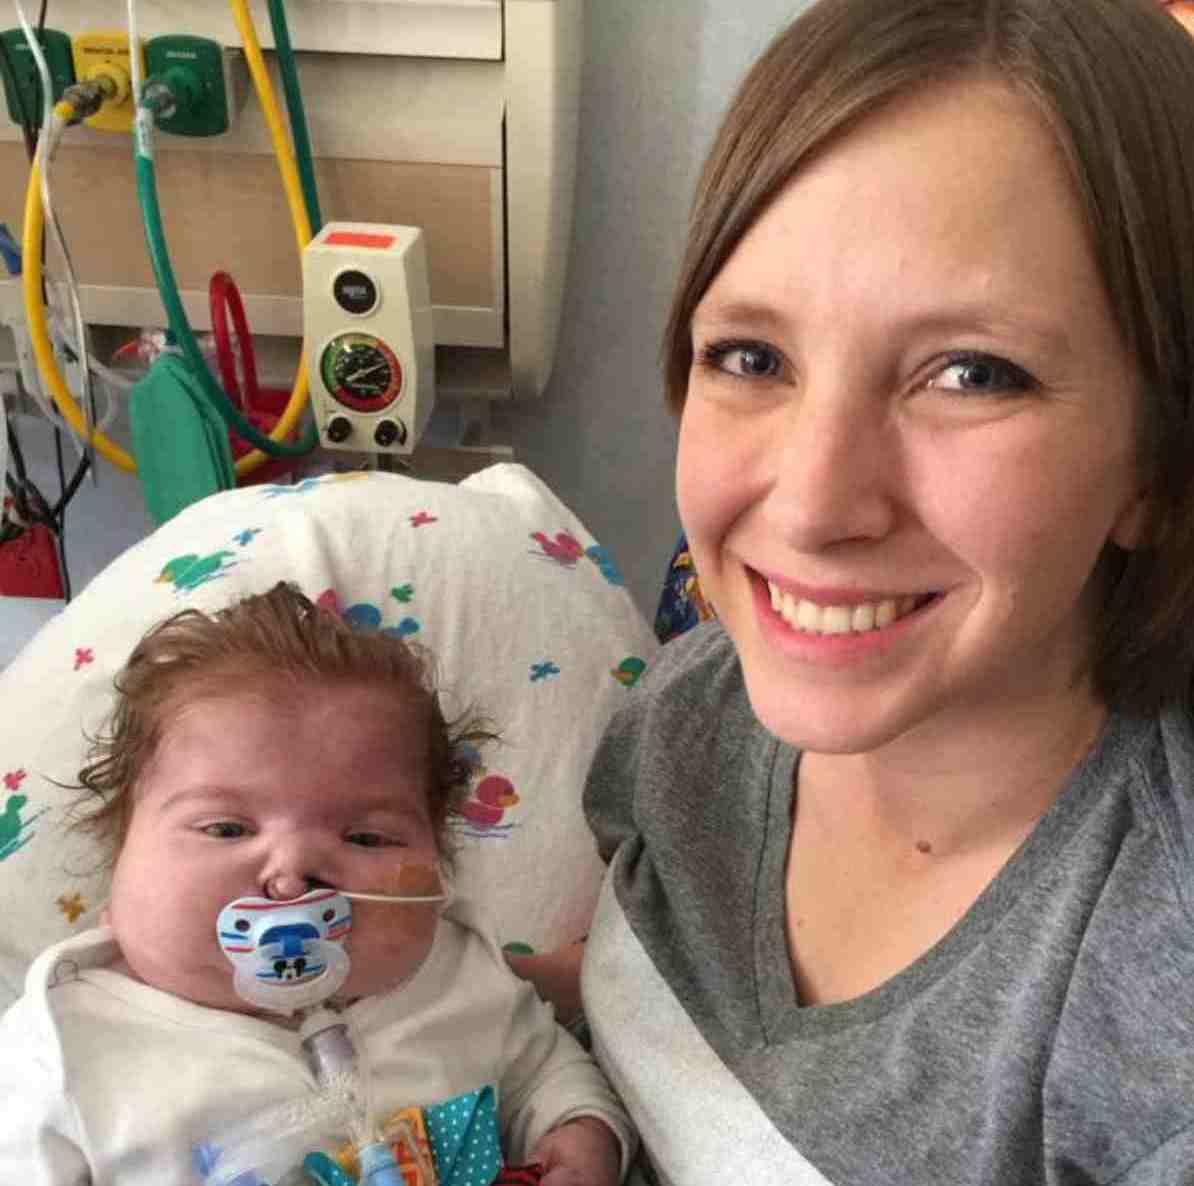 """""""Il mio bimbo, in 13 mesi di vita, ha fatto tanto"""": una mamma ricorda il figlio aiutando sconosciute – FOTO"""